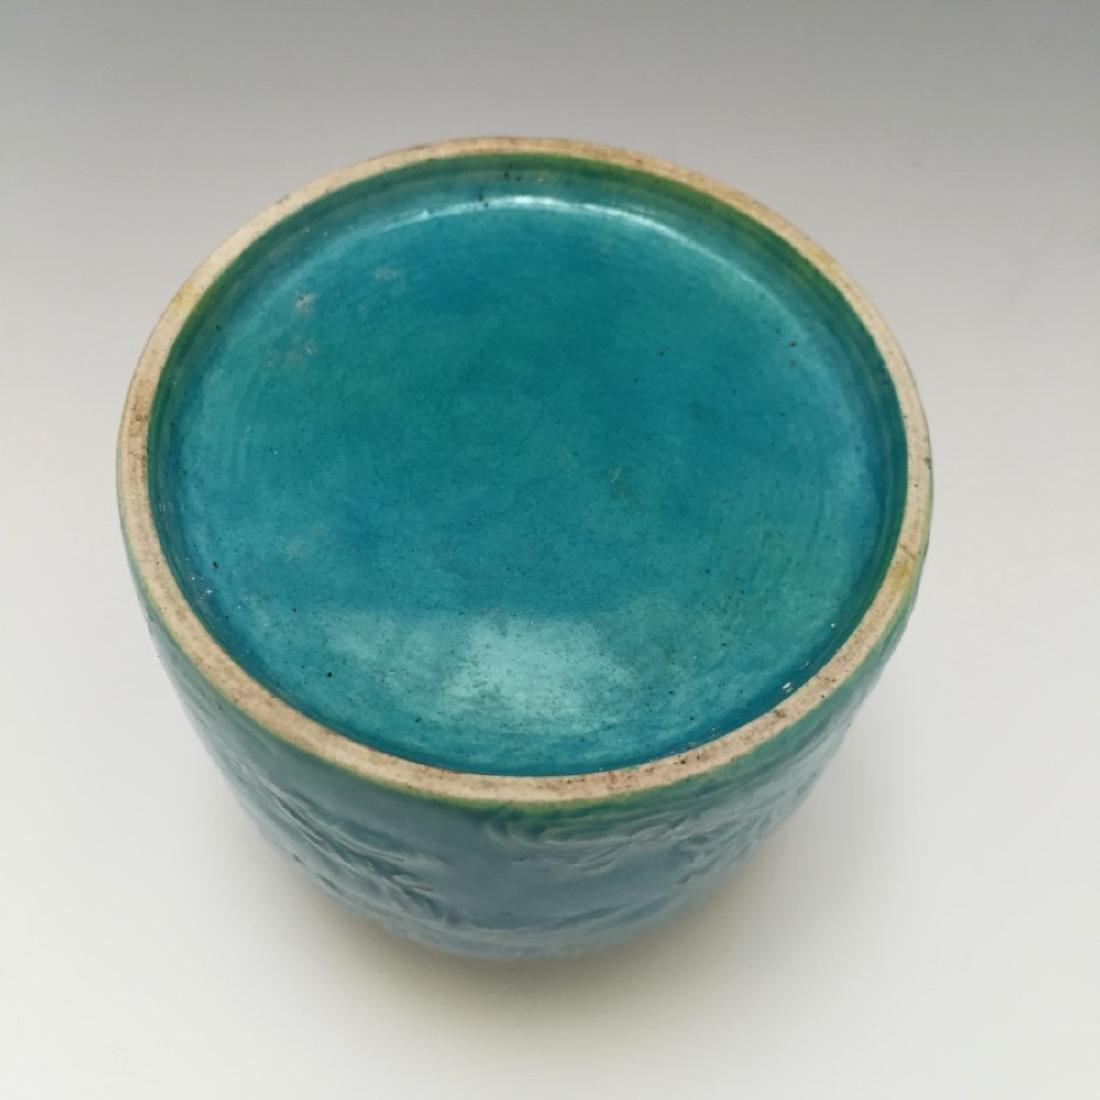 A BLUE GLAZED PORCELAIN WATER DROPPER, REPUBLIC PERIOD - 5